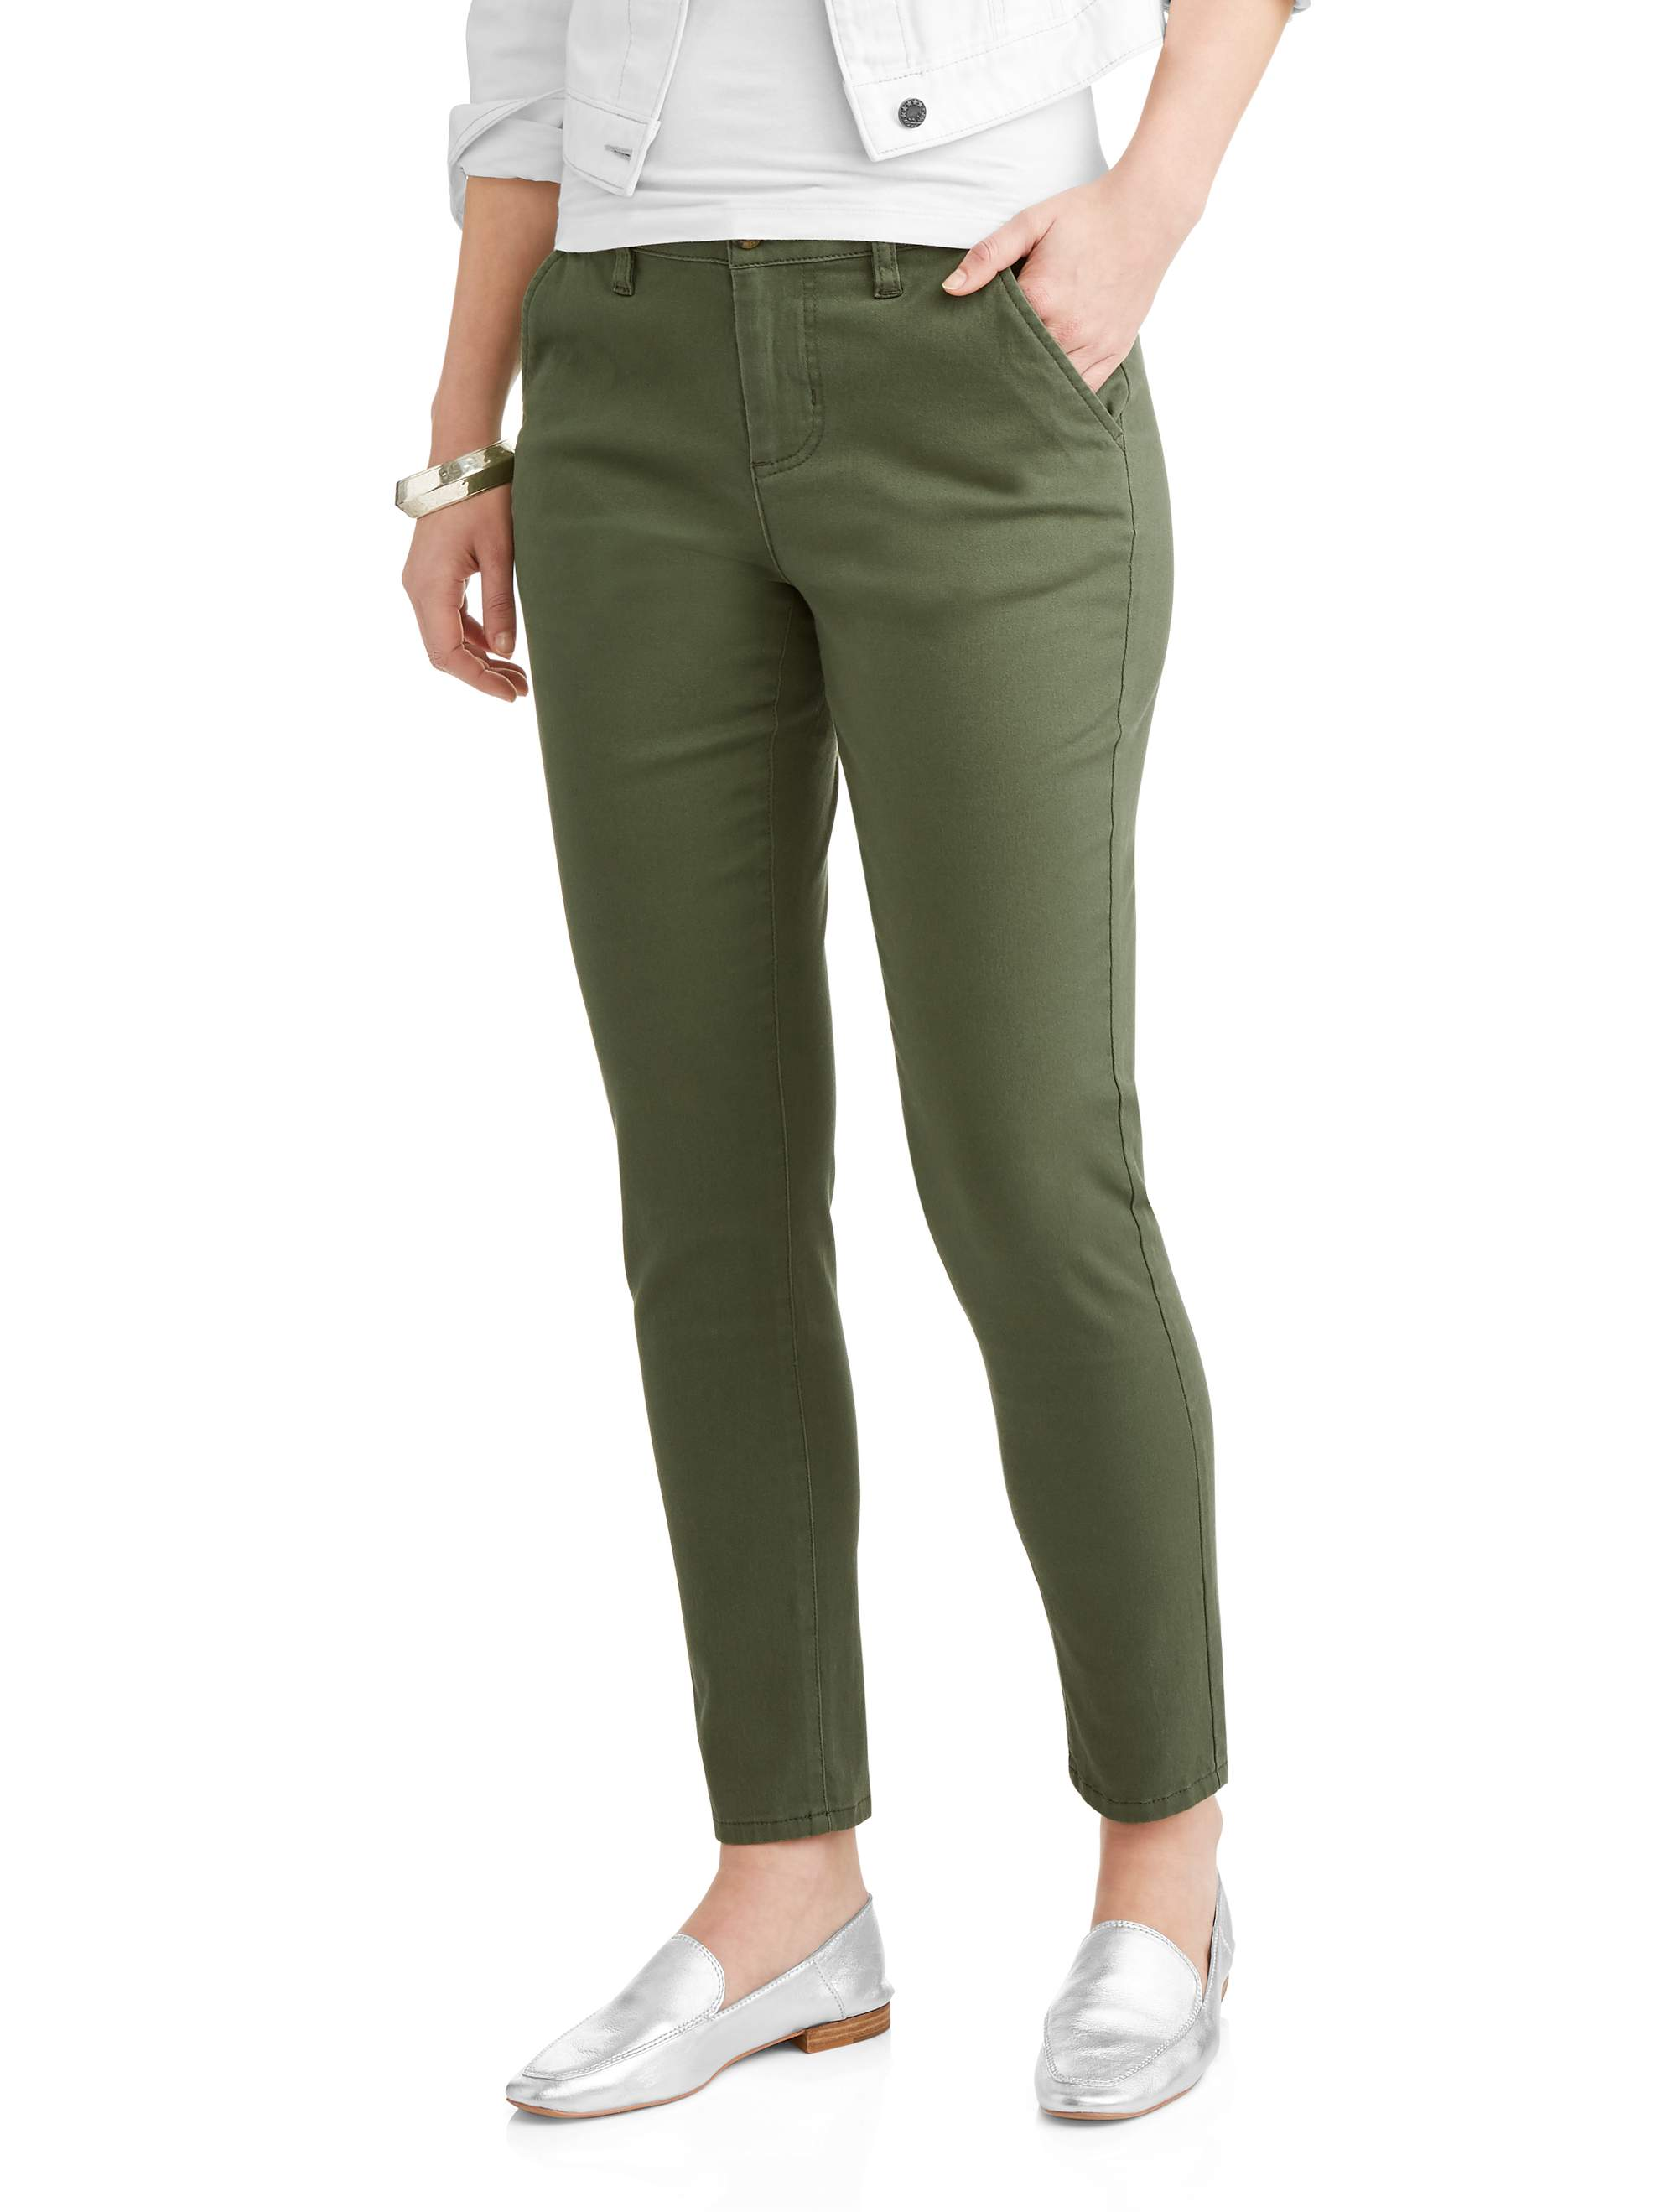 Women's Classic Chino Pant